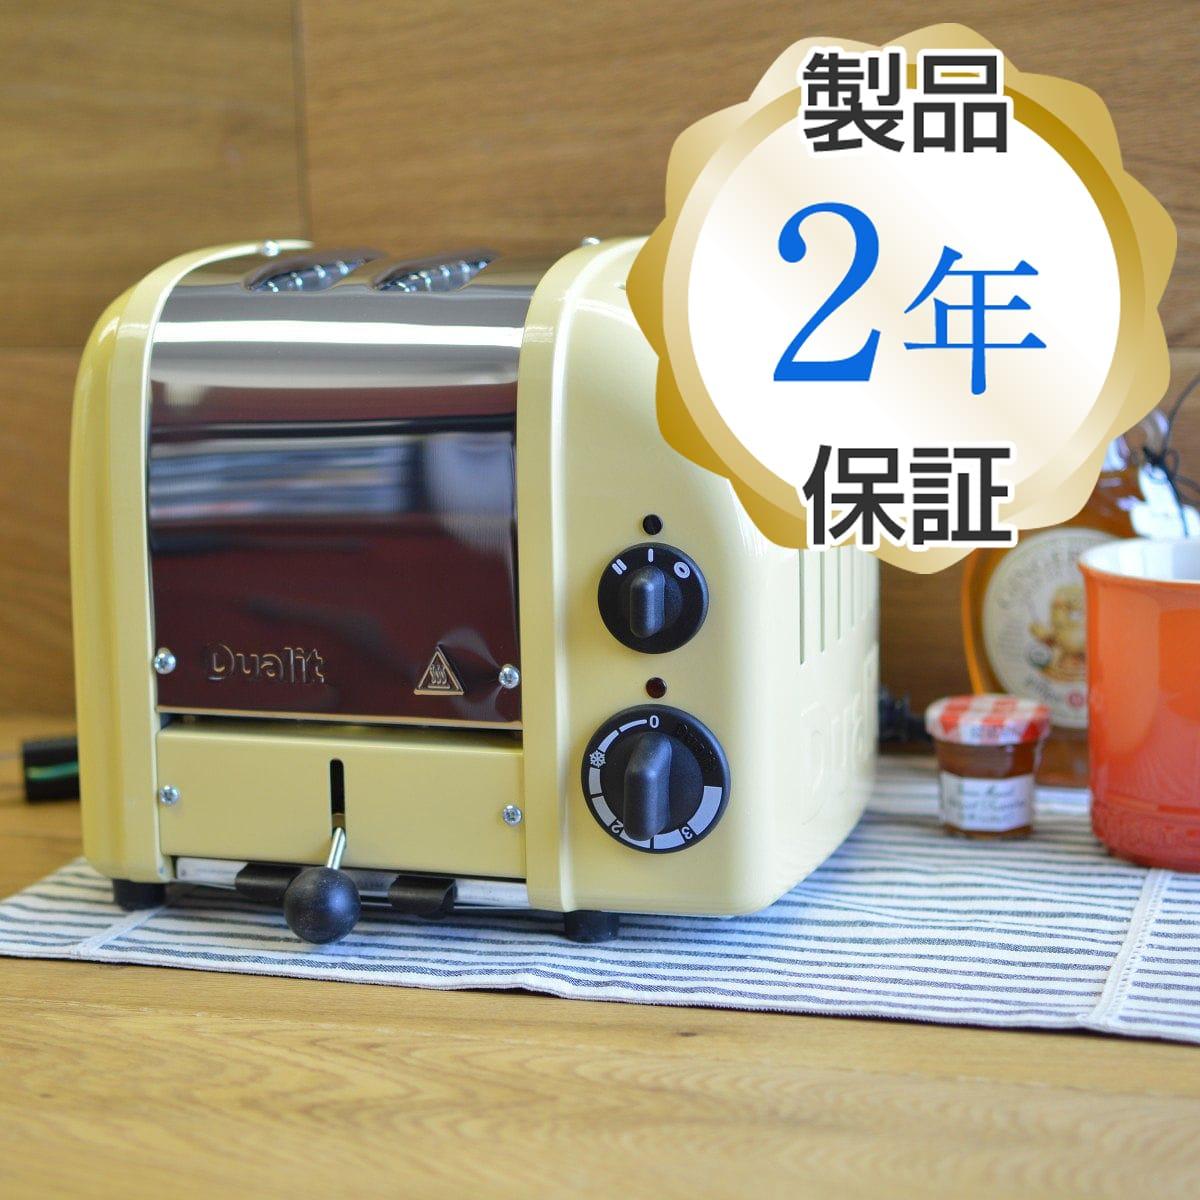 デュアリット 2枚焼き トースター イエロー Dualit Yellow Two-Slice Toaster 家電